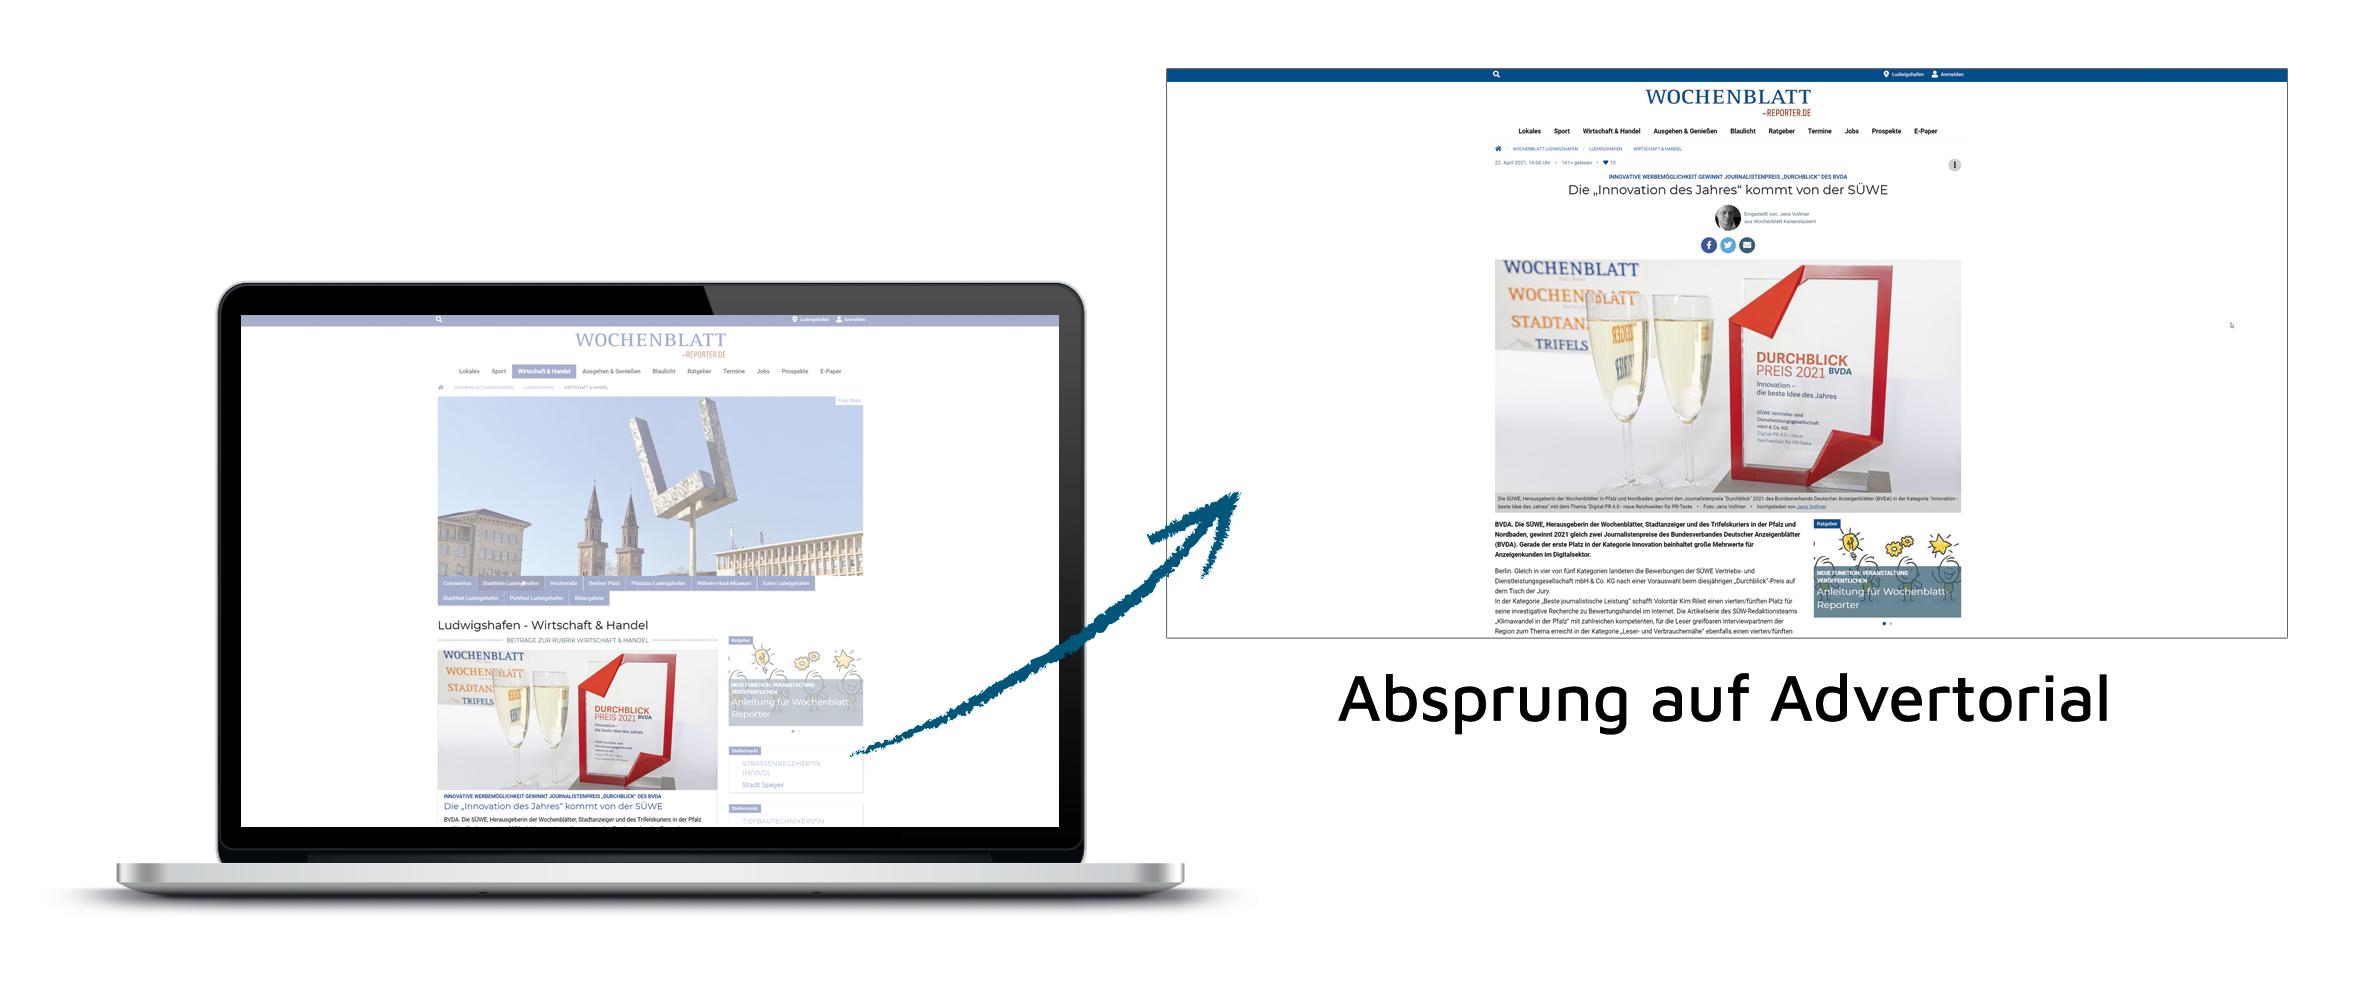 AdIn Beispiel - Absprung auf Advertorial - Wochenblatt